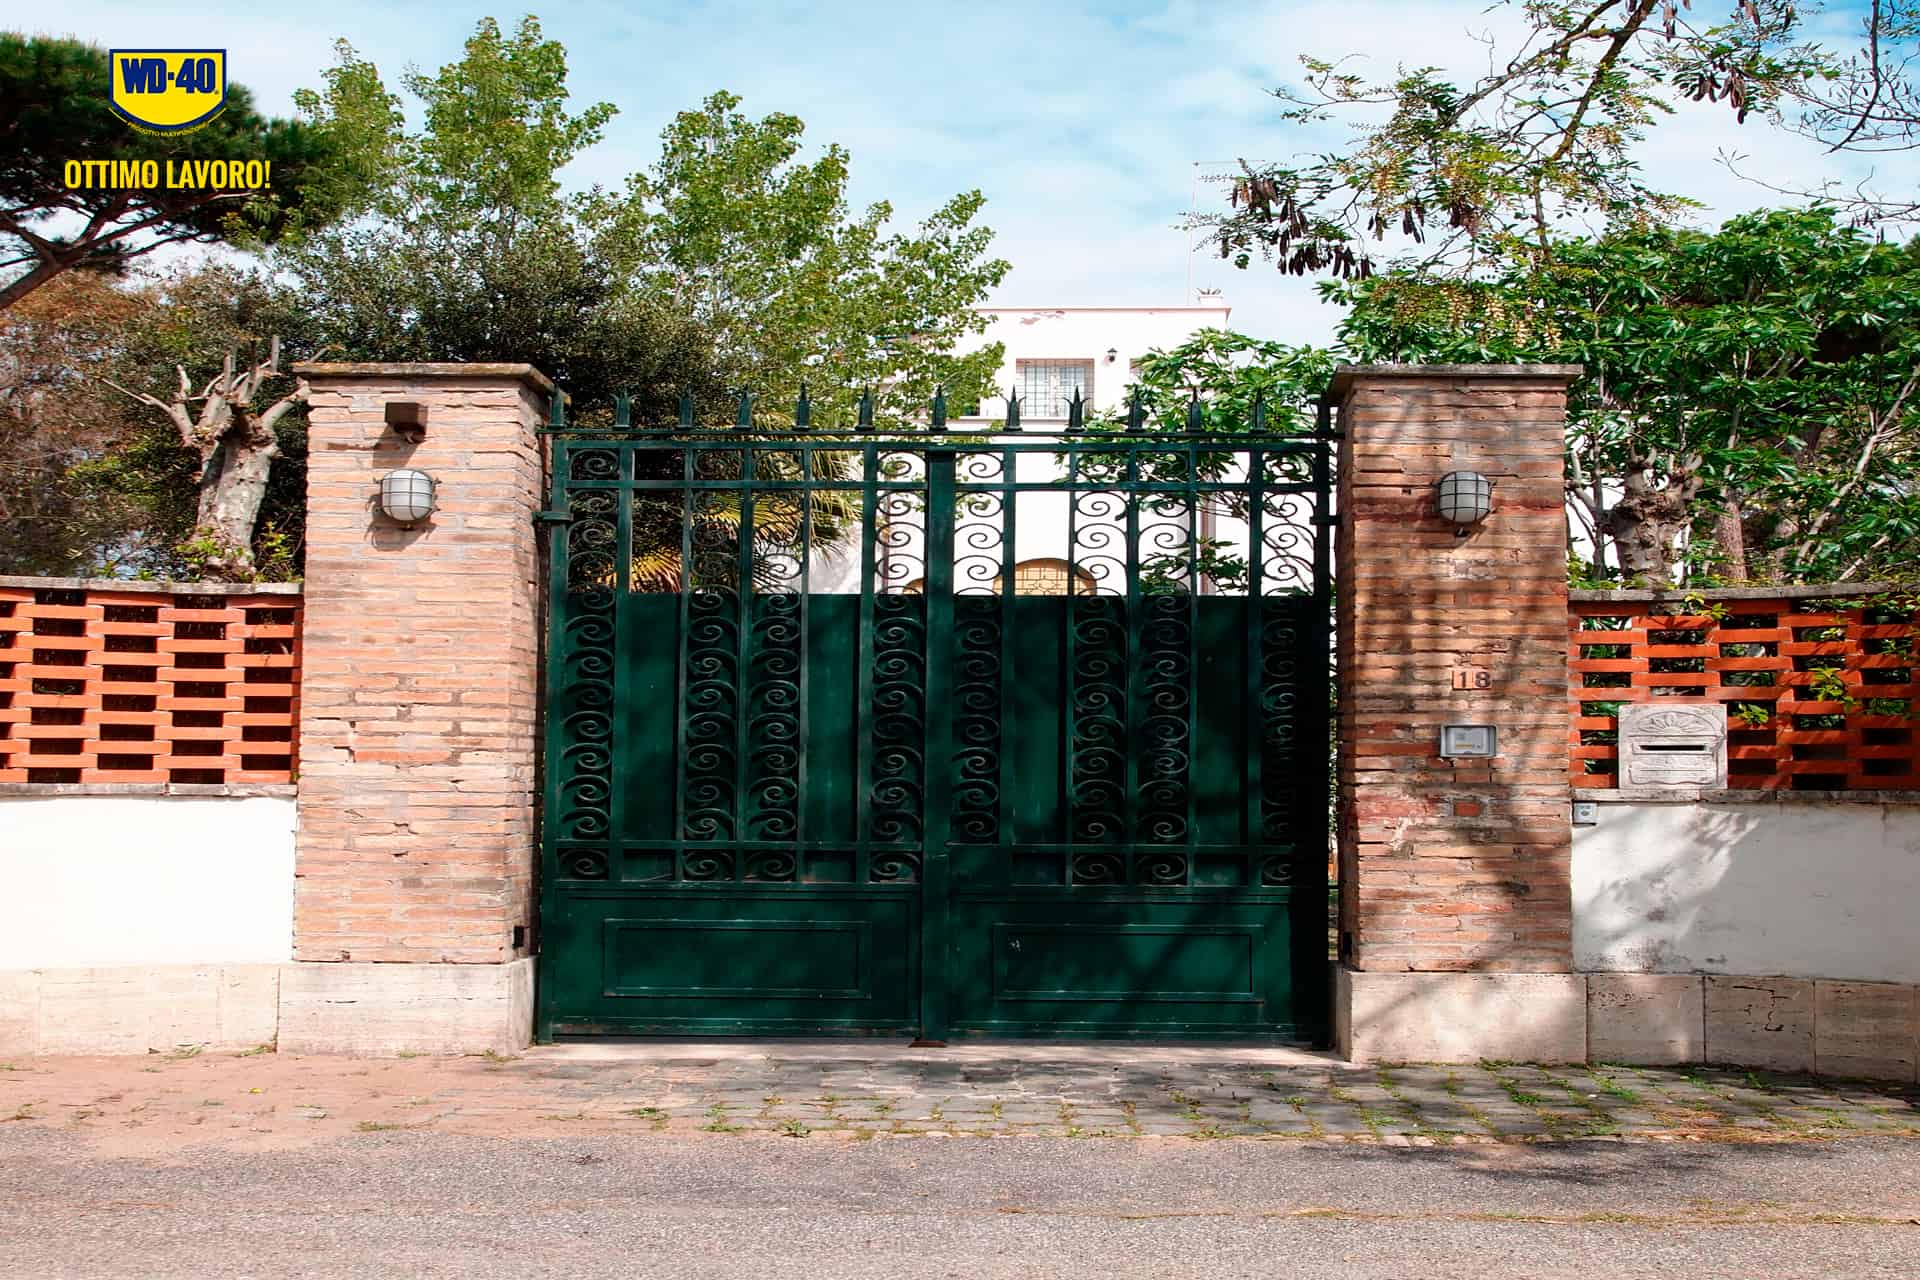 manutenzione del cancello